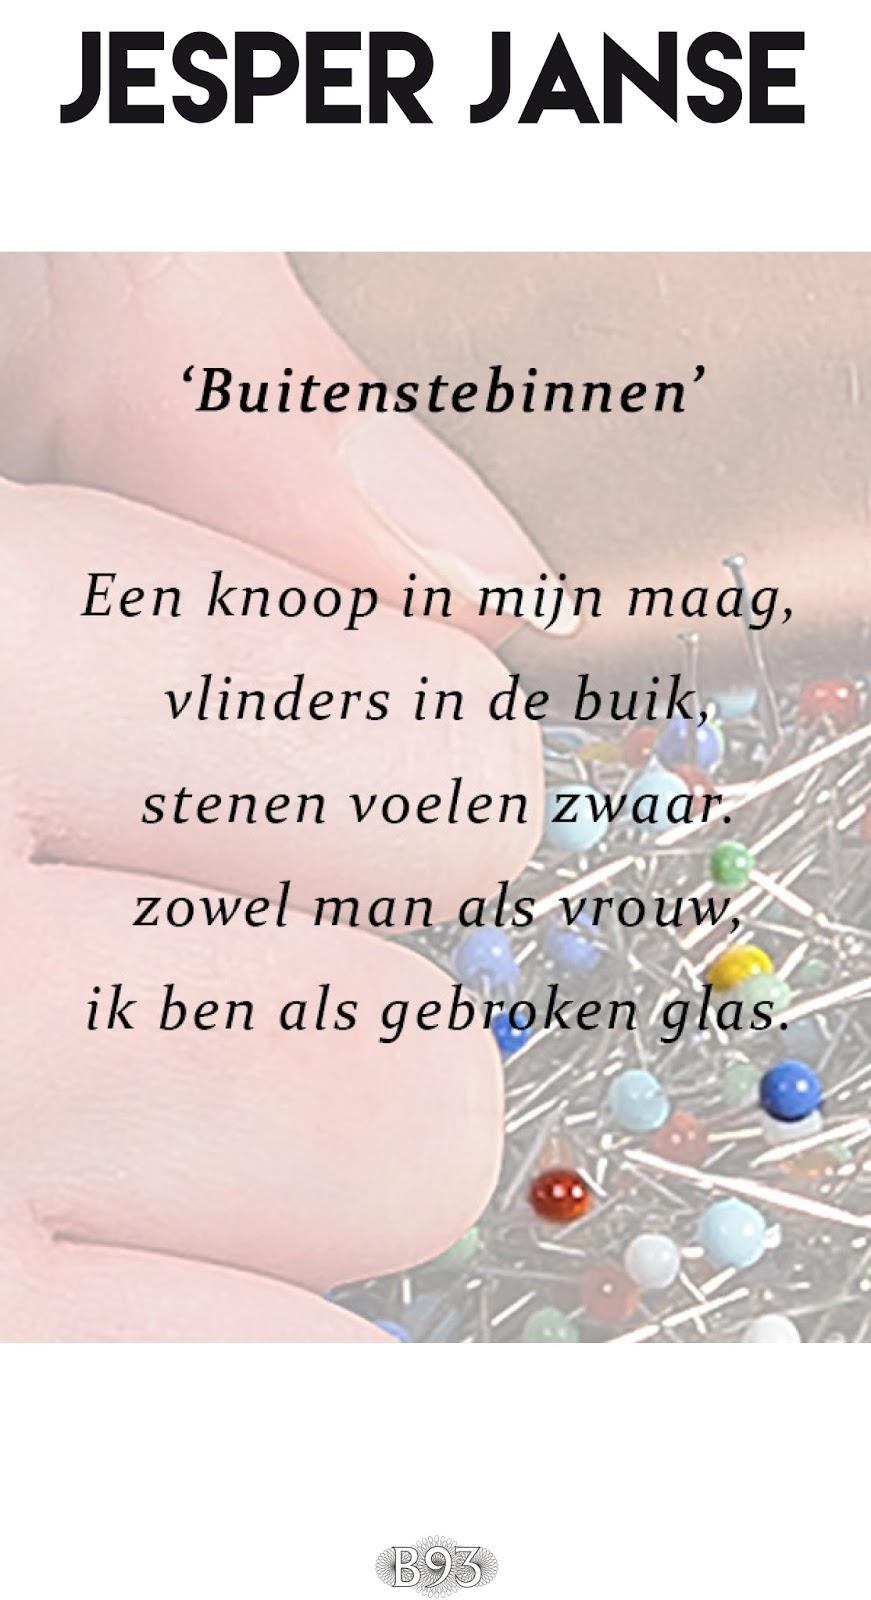 Carte Blanche – Buitenstebinnen – Jesper Janse